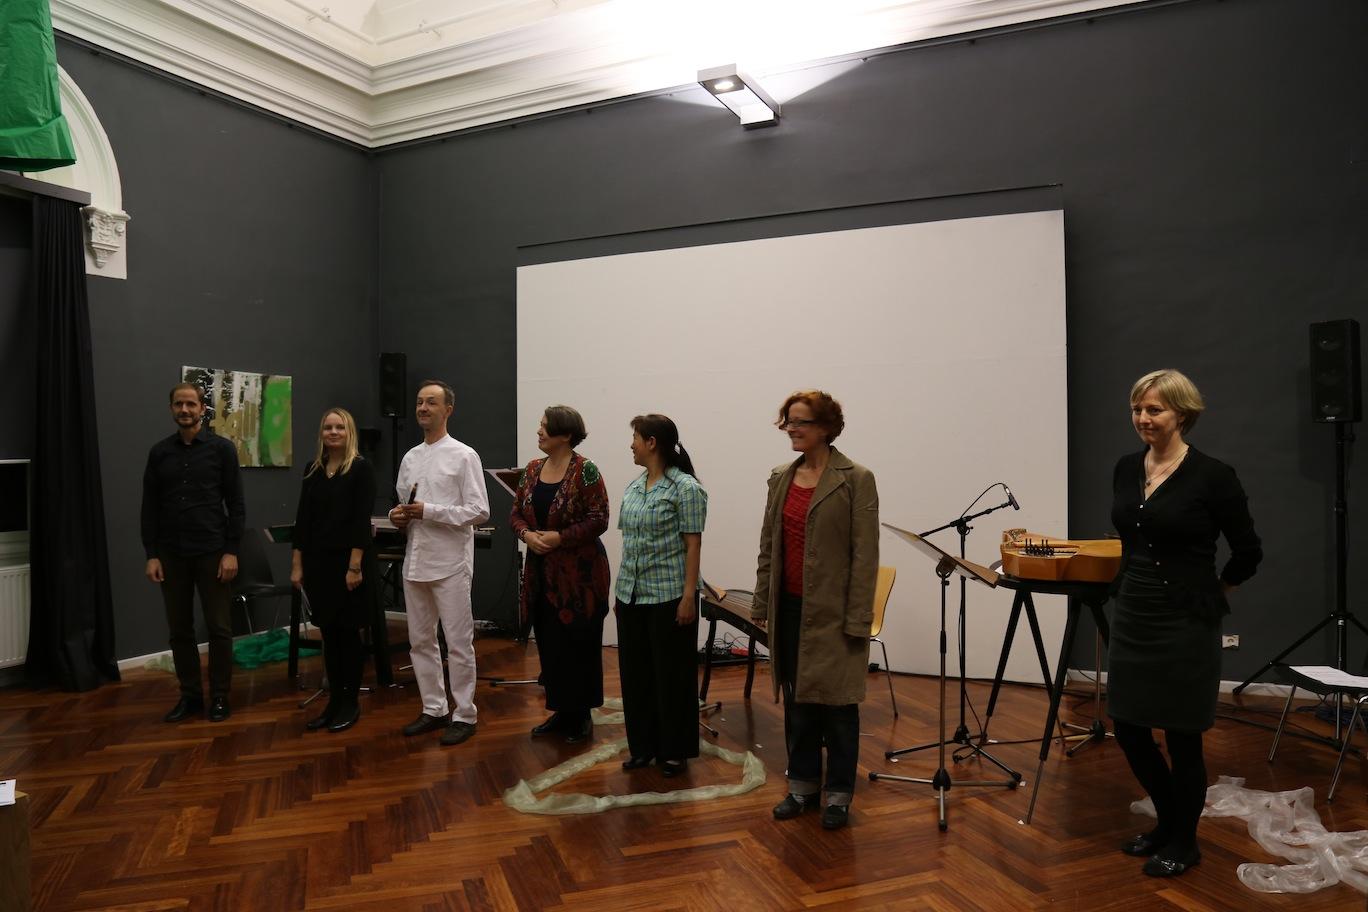 Martin Mallaun, Maria Kallionpää, Mikko Raasakka, Adina Dumitrescu, Ming Wang, Elisabeth Harnik, Eija Kankaanranta